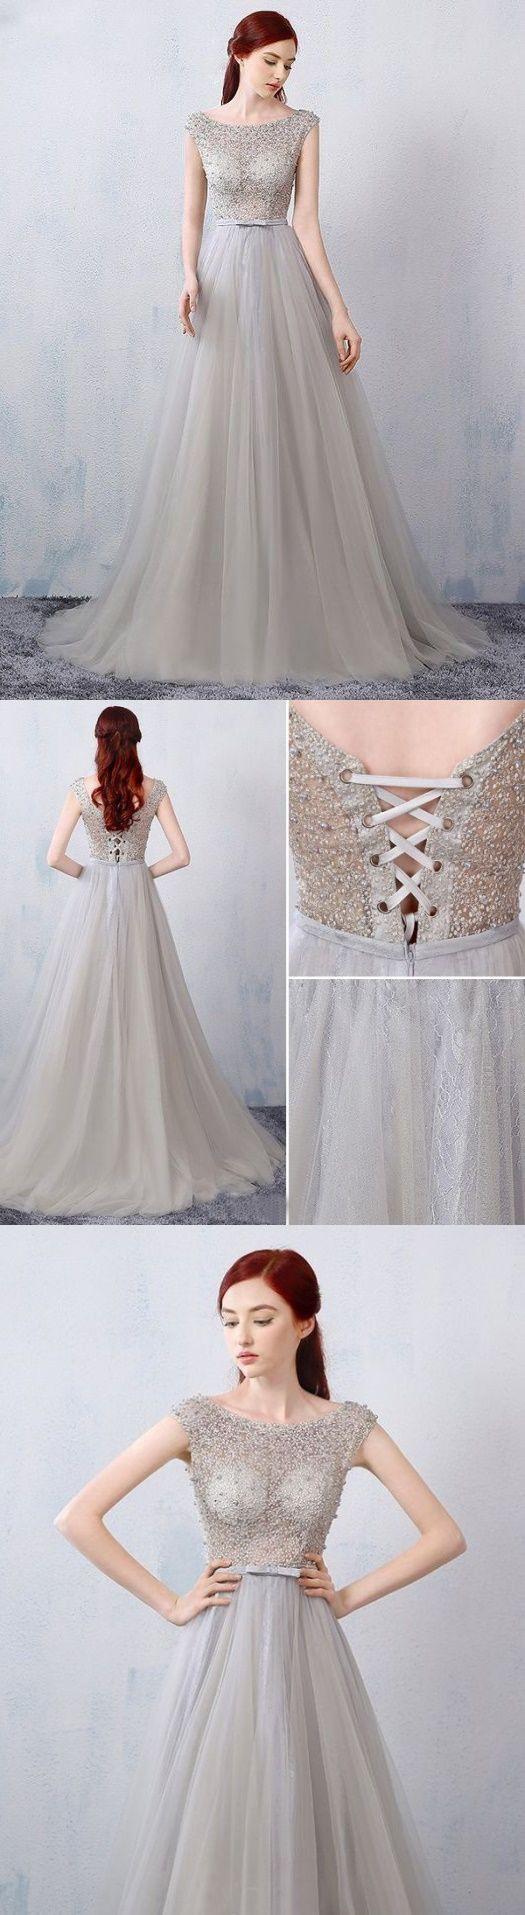 17 Wunderbar Schöne Elegante Kleider Ärmel10 Luxurius Schöne Elegante Kleider für 2019